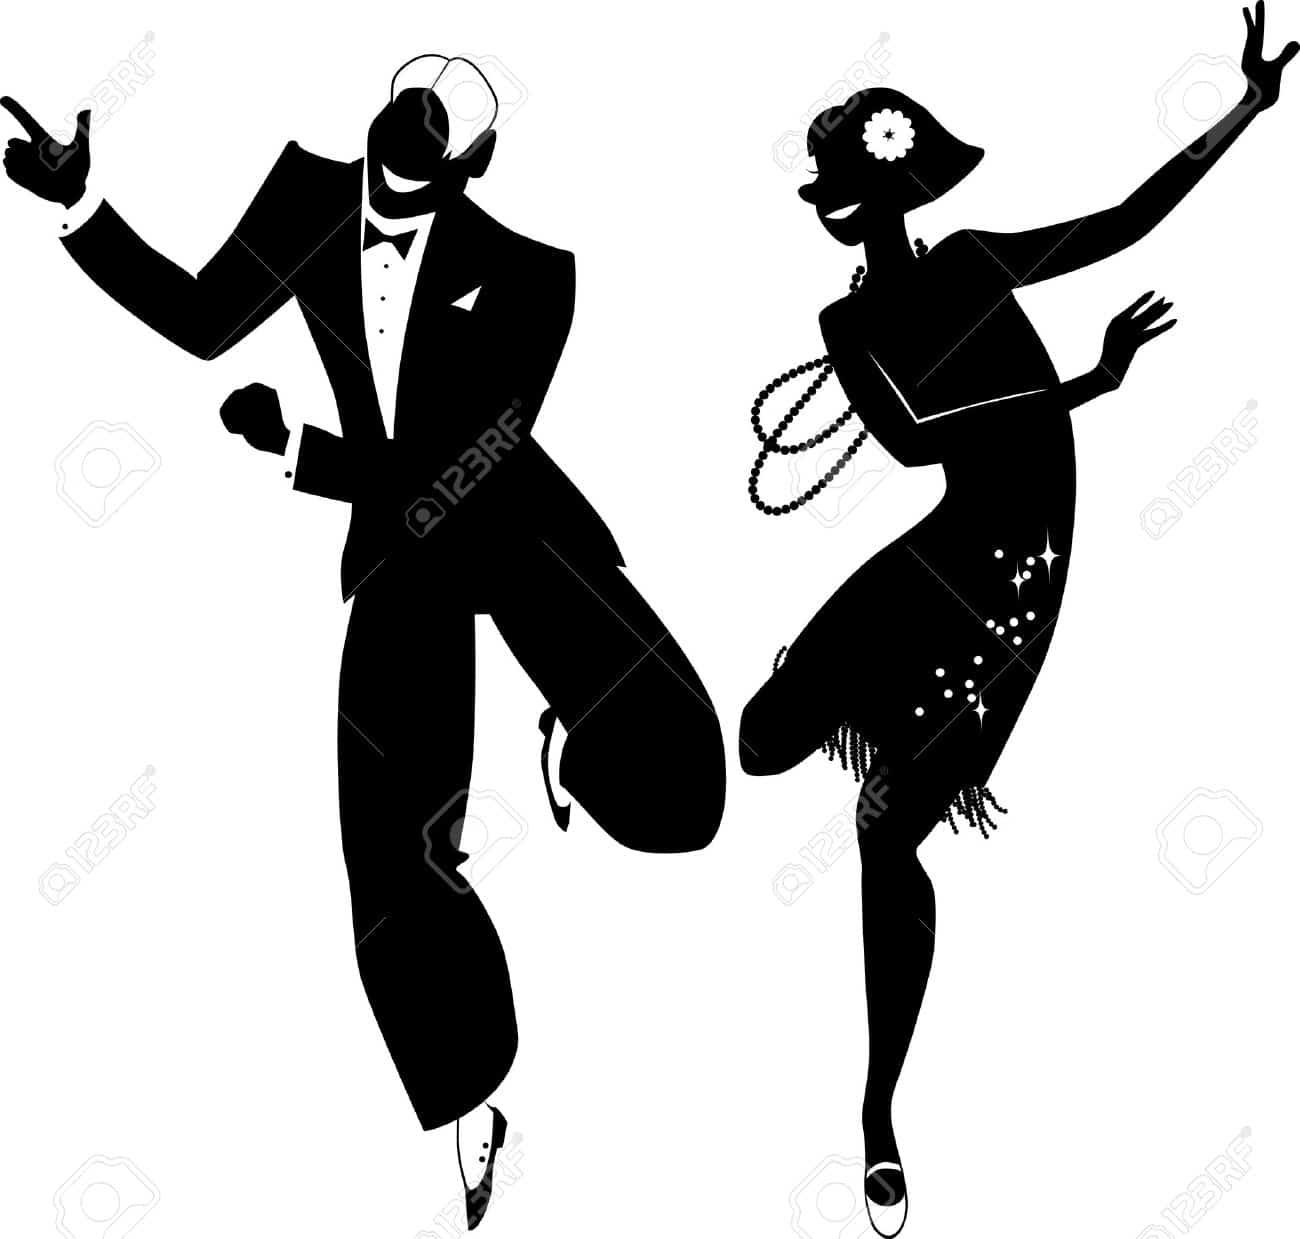 cours particulier de danse Charleston (Silhouette couple de danseurs)